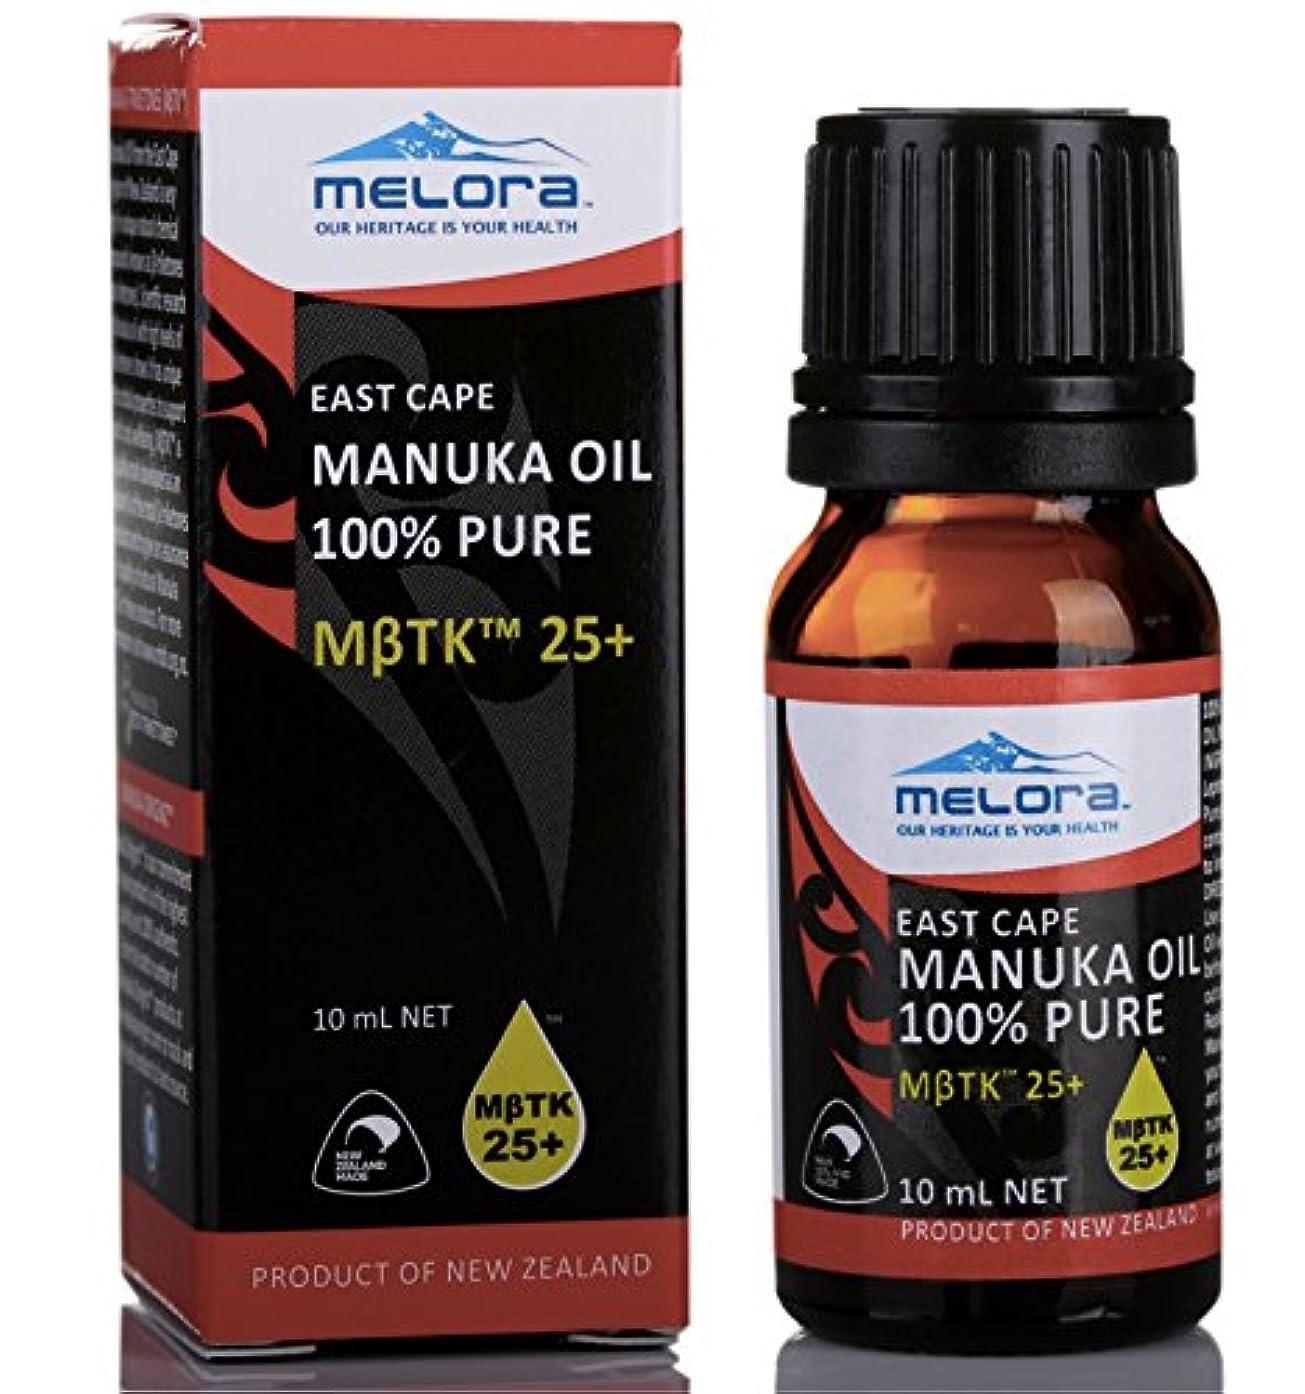 白鳥センチメンタルわがままEAST CAPE MANUKA OIL 100%PURE MBTK 25+ 100%マヌカオイル(精油) 10ml